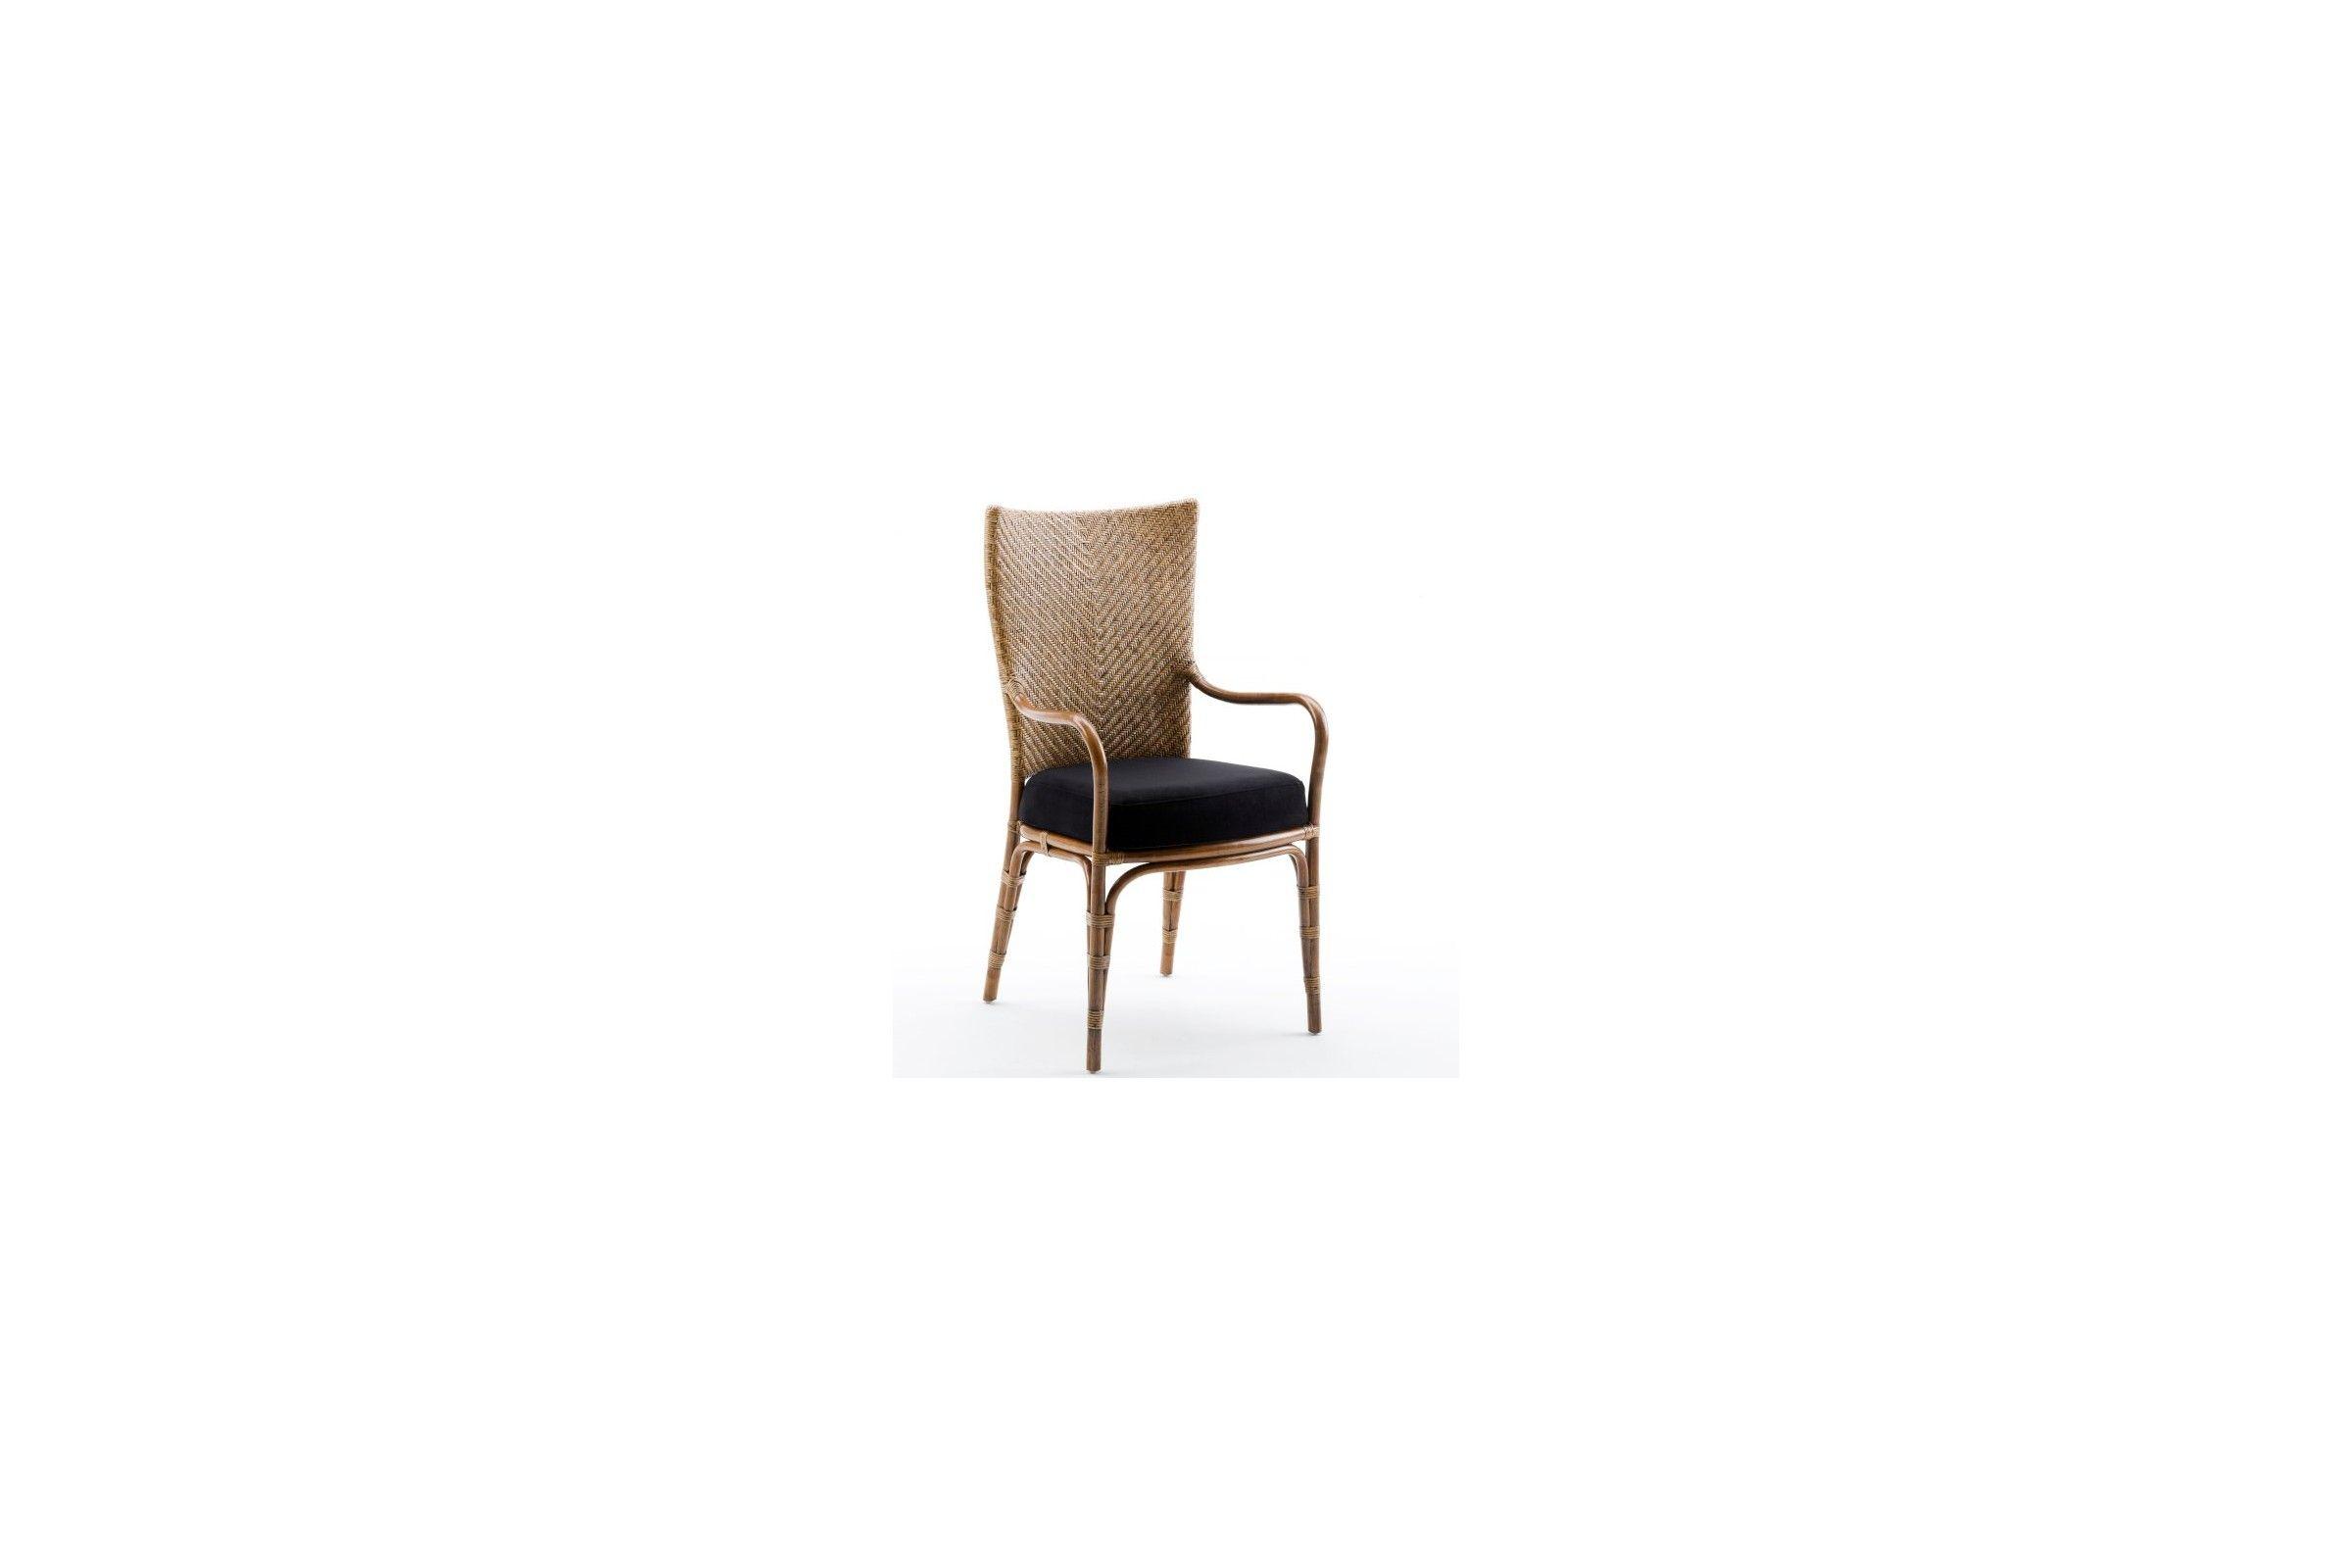 Fauteuil en rotin naturel pour la table de repas avec coussin blanc cr me la galerie du teck - Coussin pour fauteuil en rotin ...